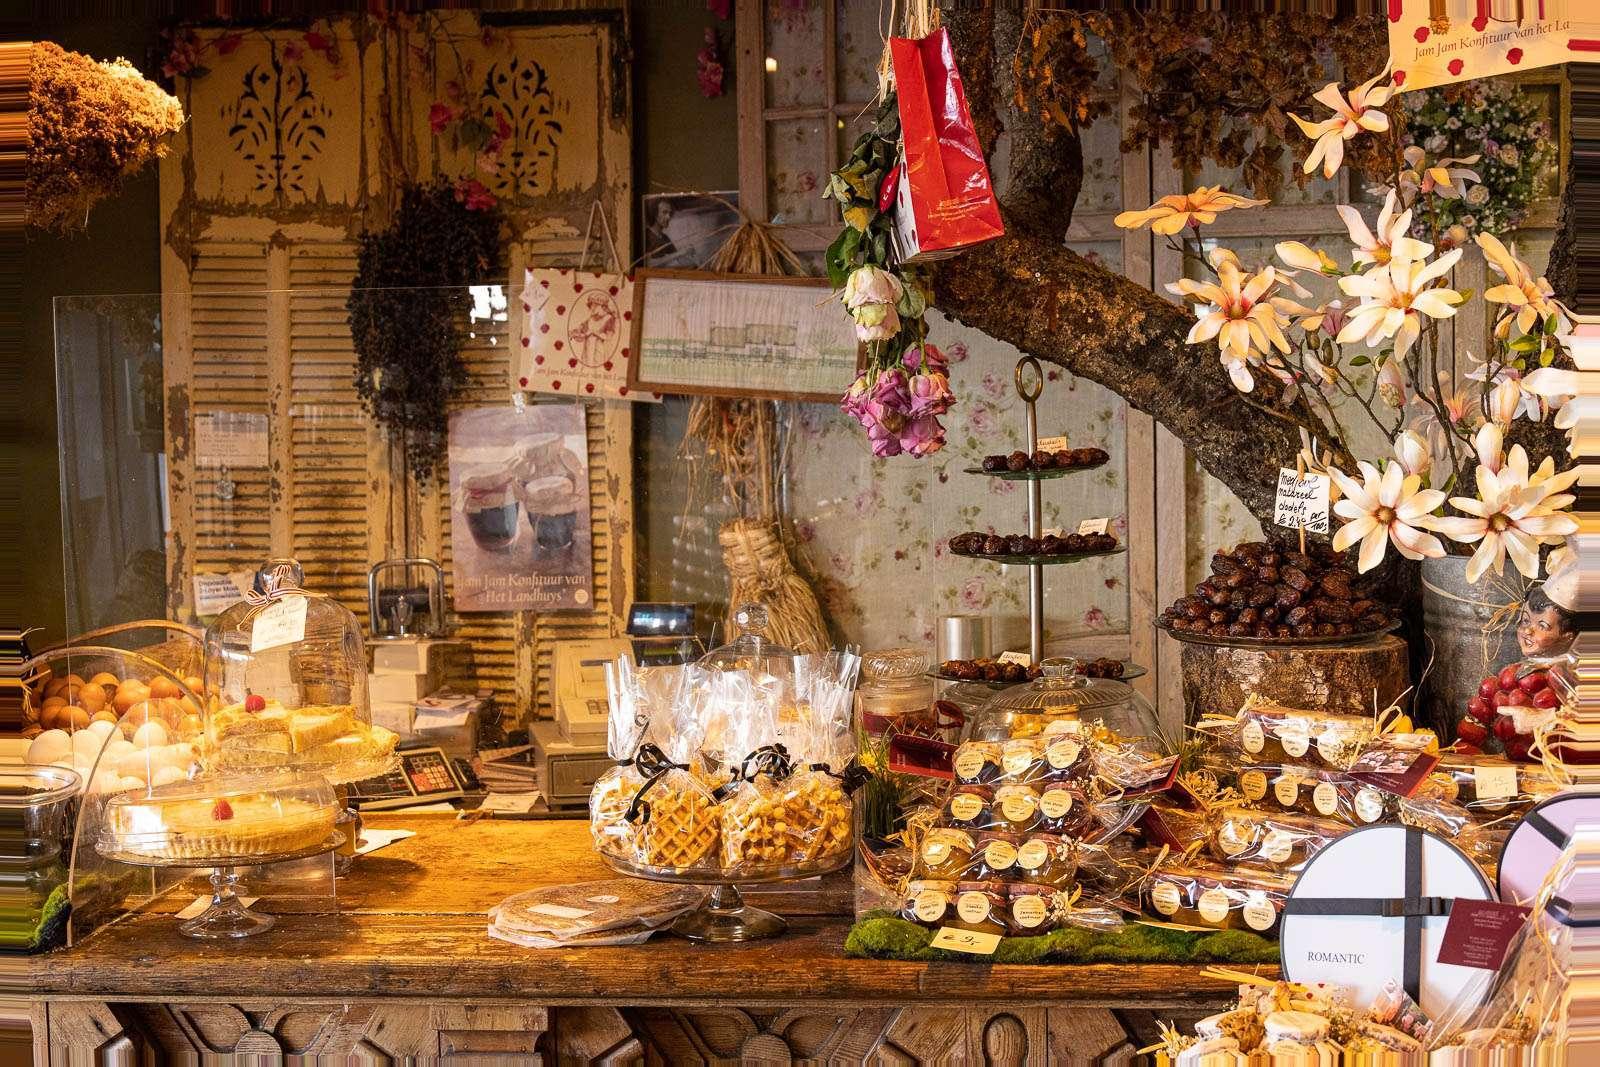 culinair shoppen in Brugge